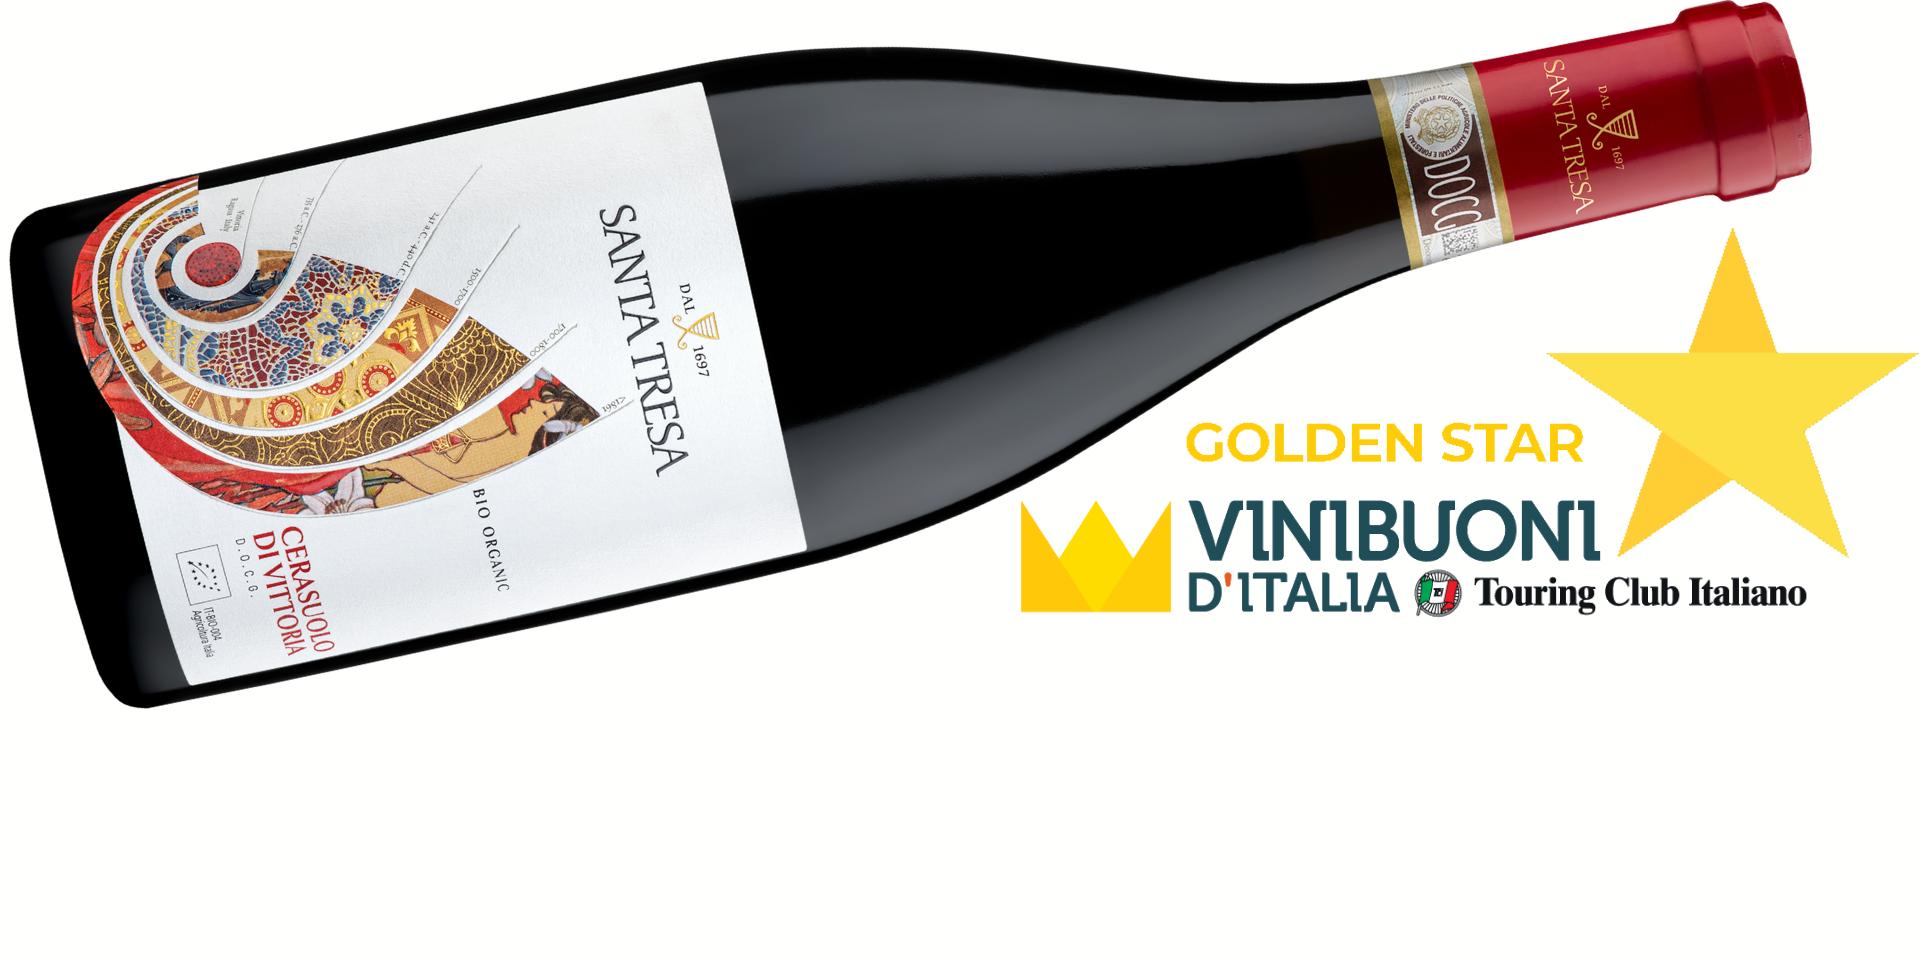 Vinibuoni d'Italia Golden Star